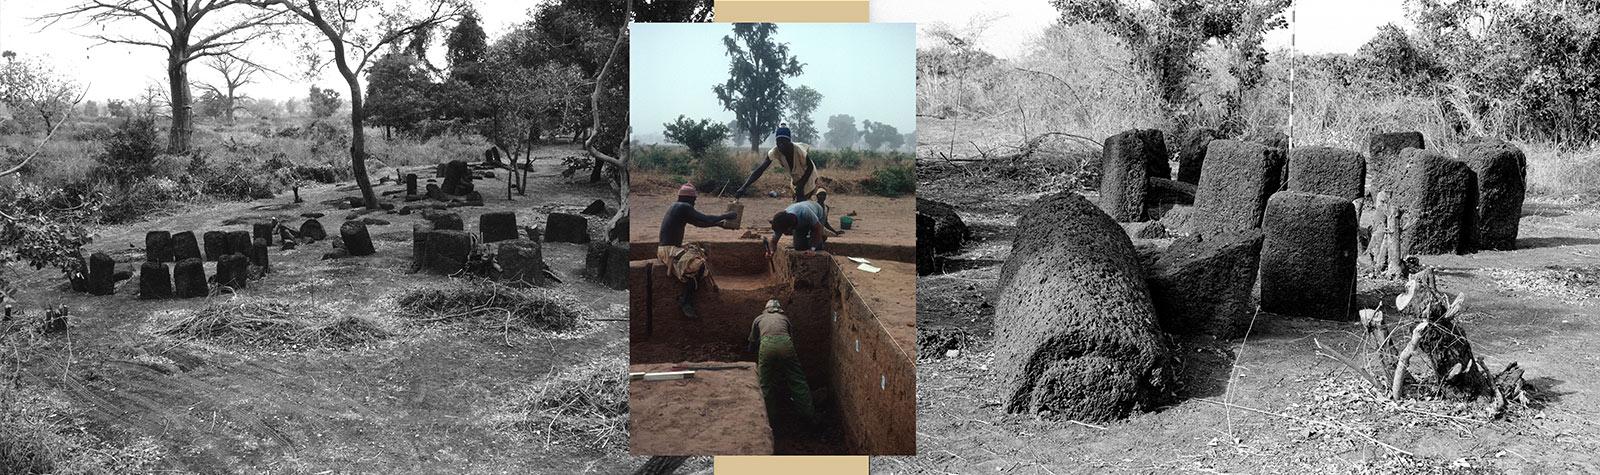 La nécropole mégalithique de Santhiou Kohel (Sénégal)